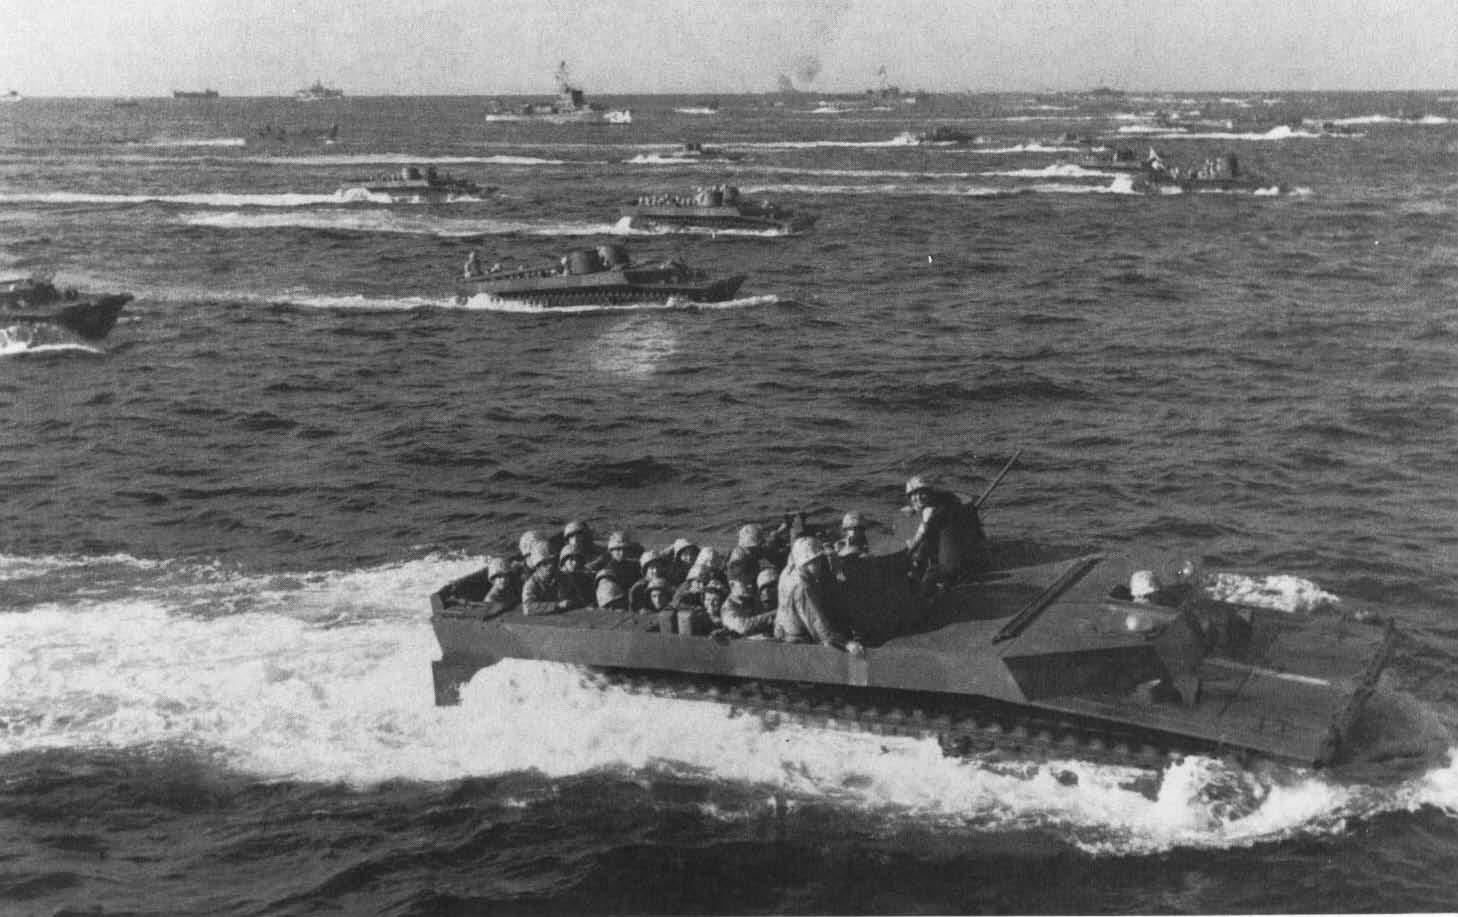 bia-historical-campaign-battle-of-iwo-jima